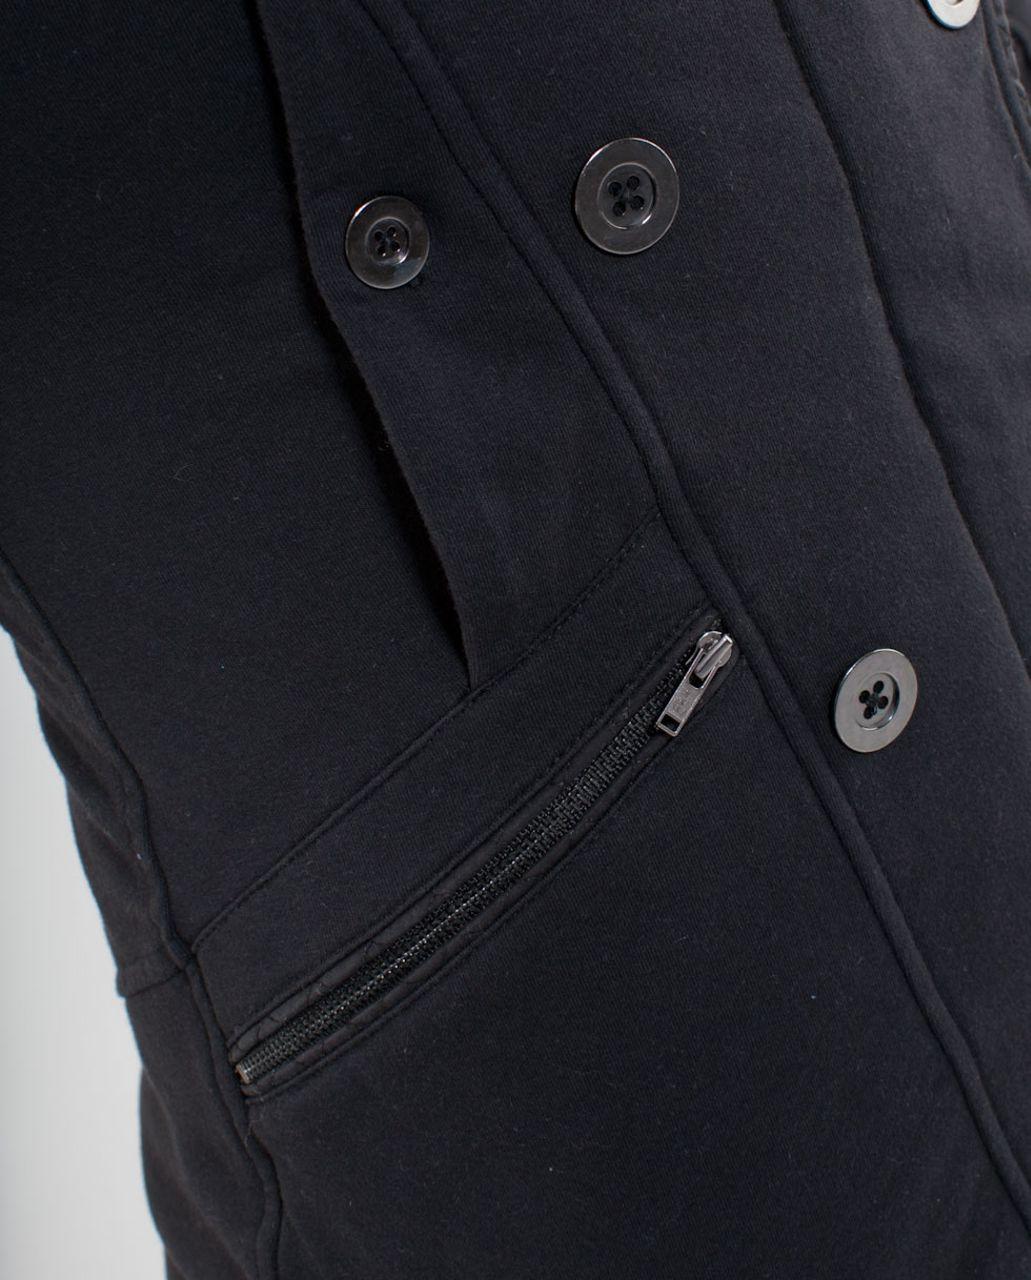 Lululemon Cozy Coat - Black